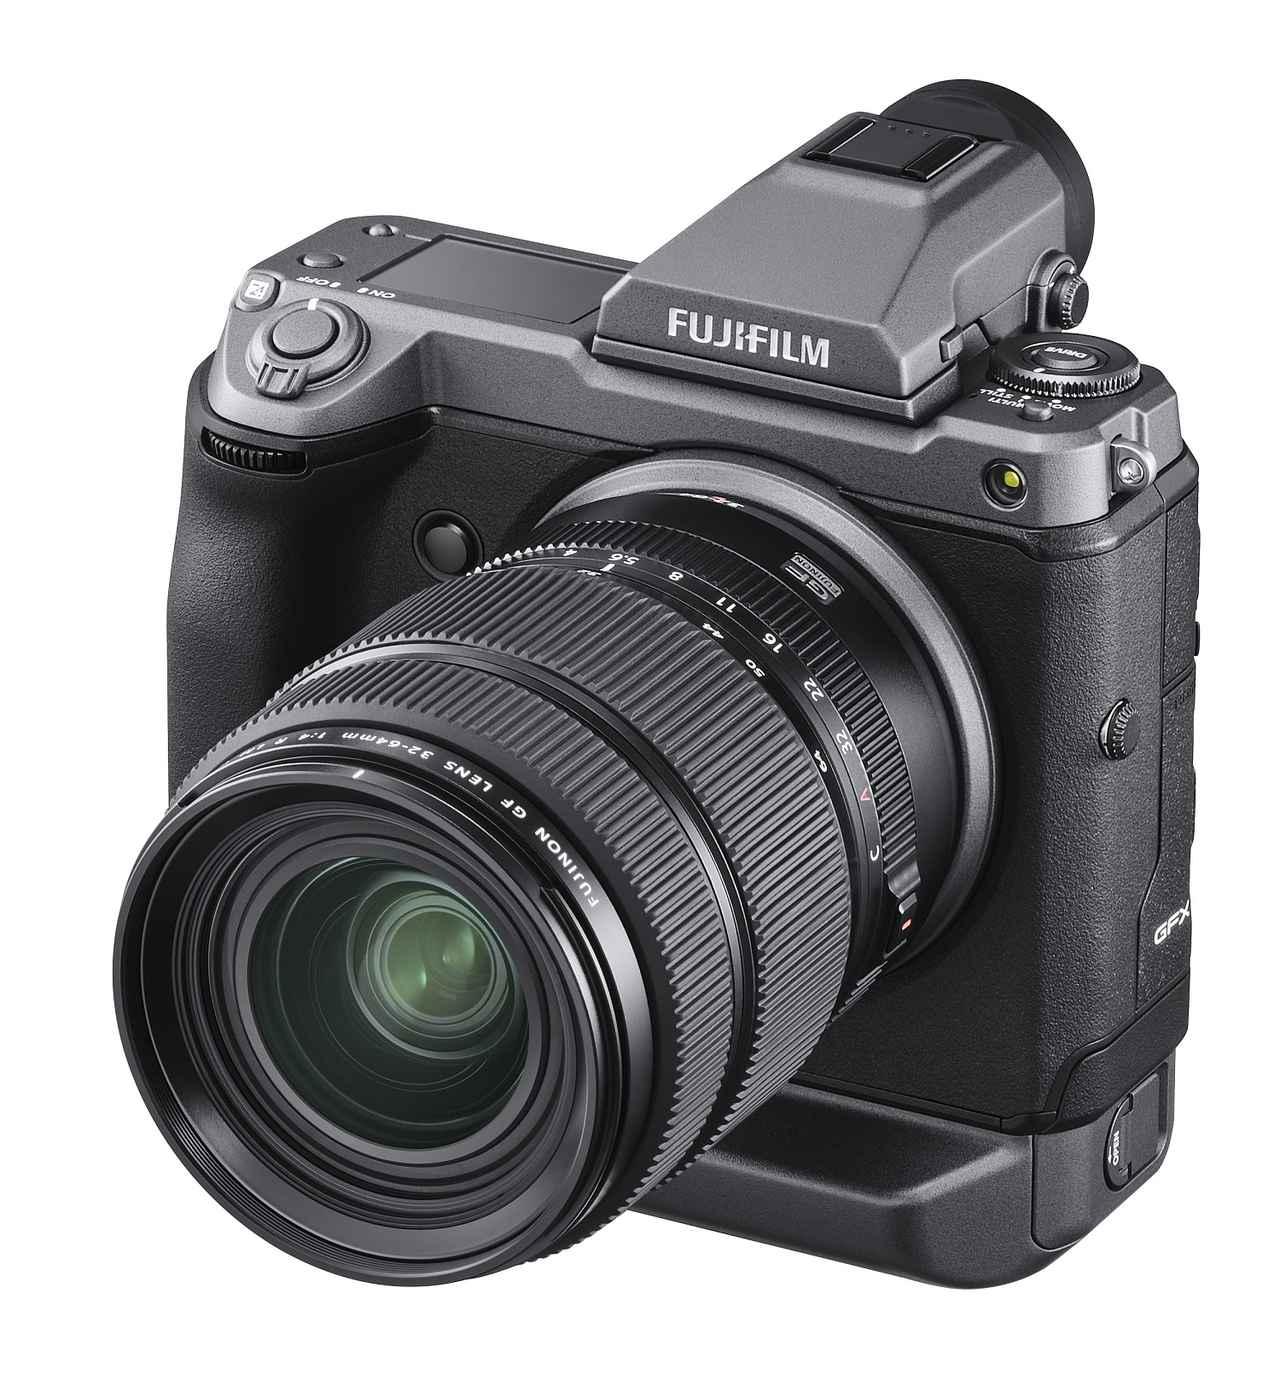 画像1: 富士フイルムは1億2百万画素ラージフォーマットセンサー搭載のミラーレスデジタルカメラ「FUJIFILM GFX100」を正式発表。発売は2019年6月下旬予定!